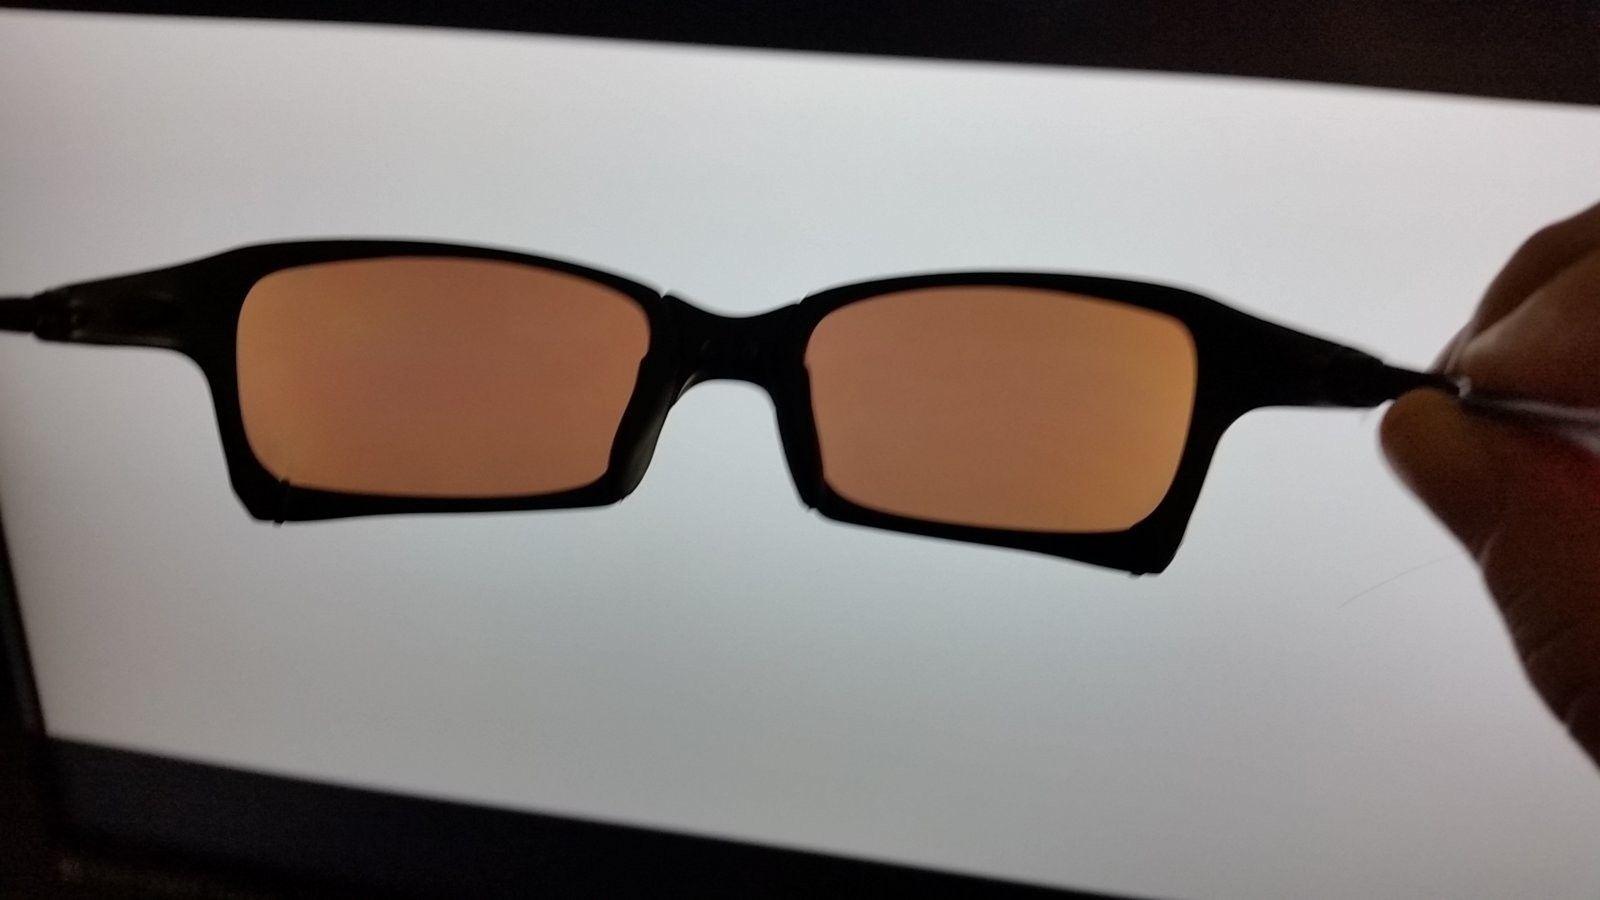 XS Lenses - 1458017173465-1379916744.jpg